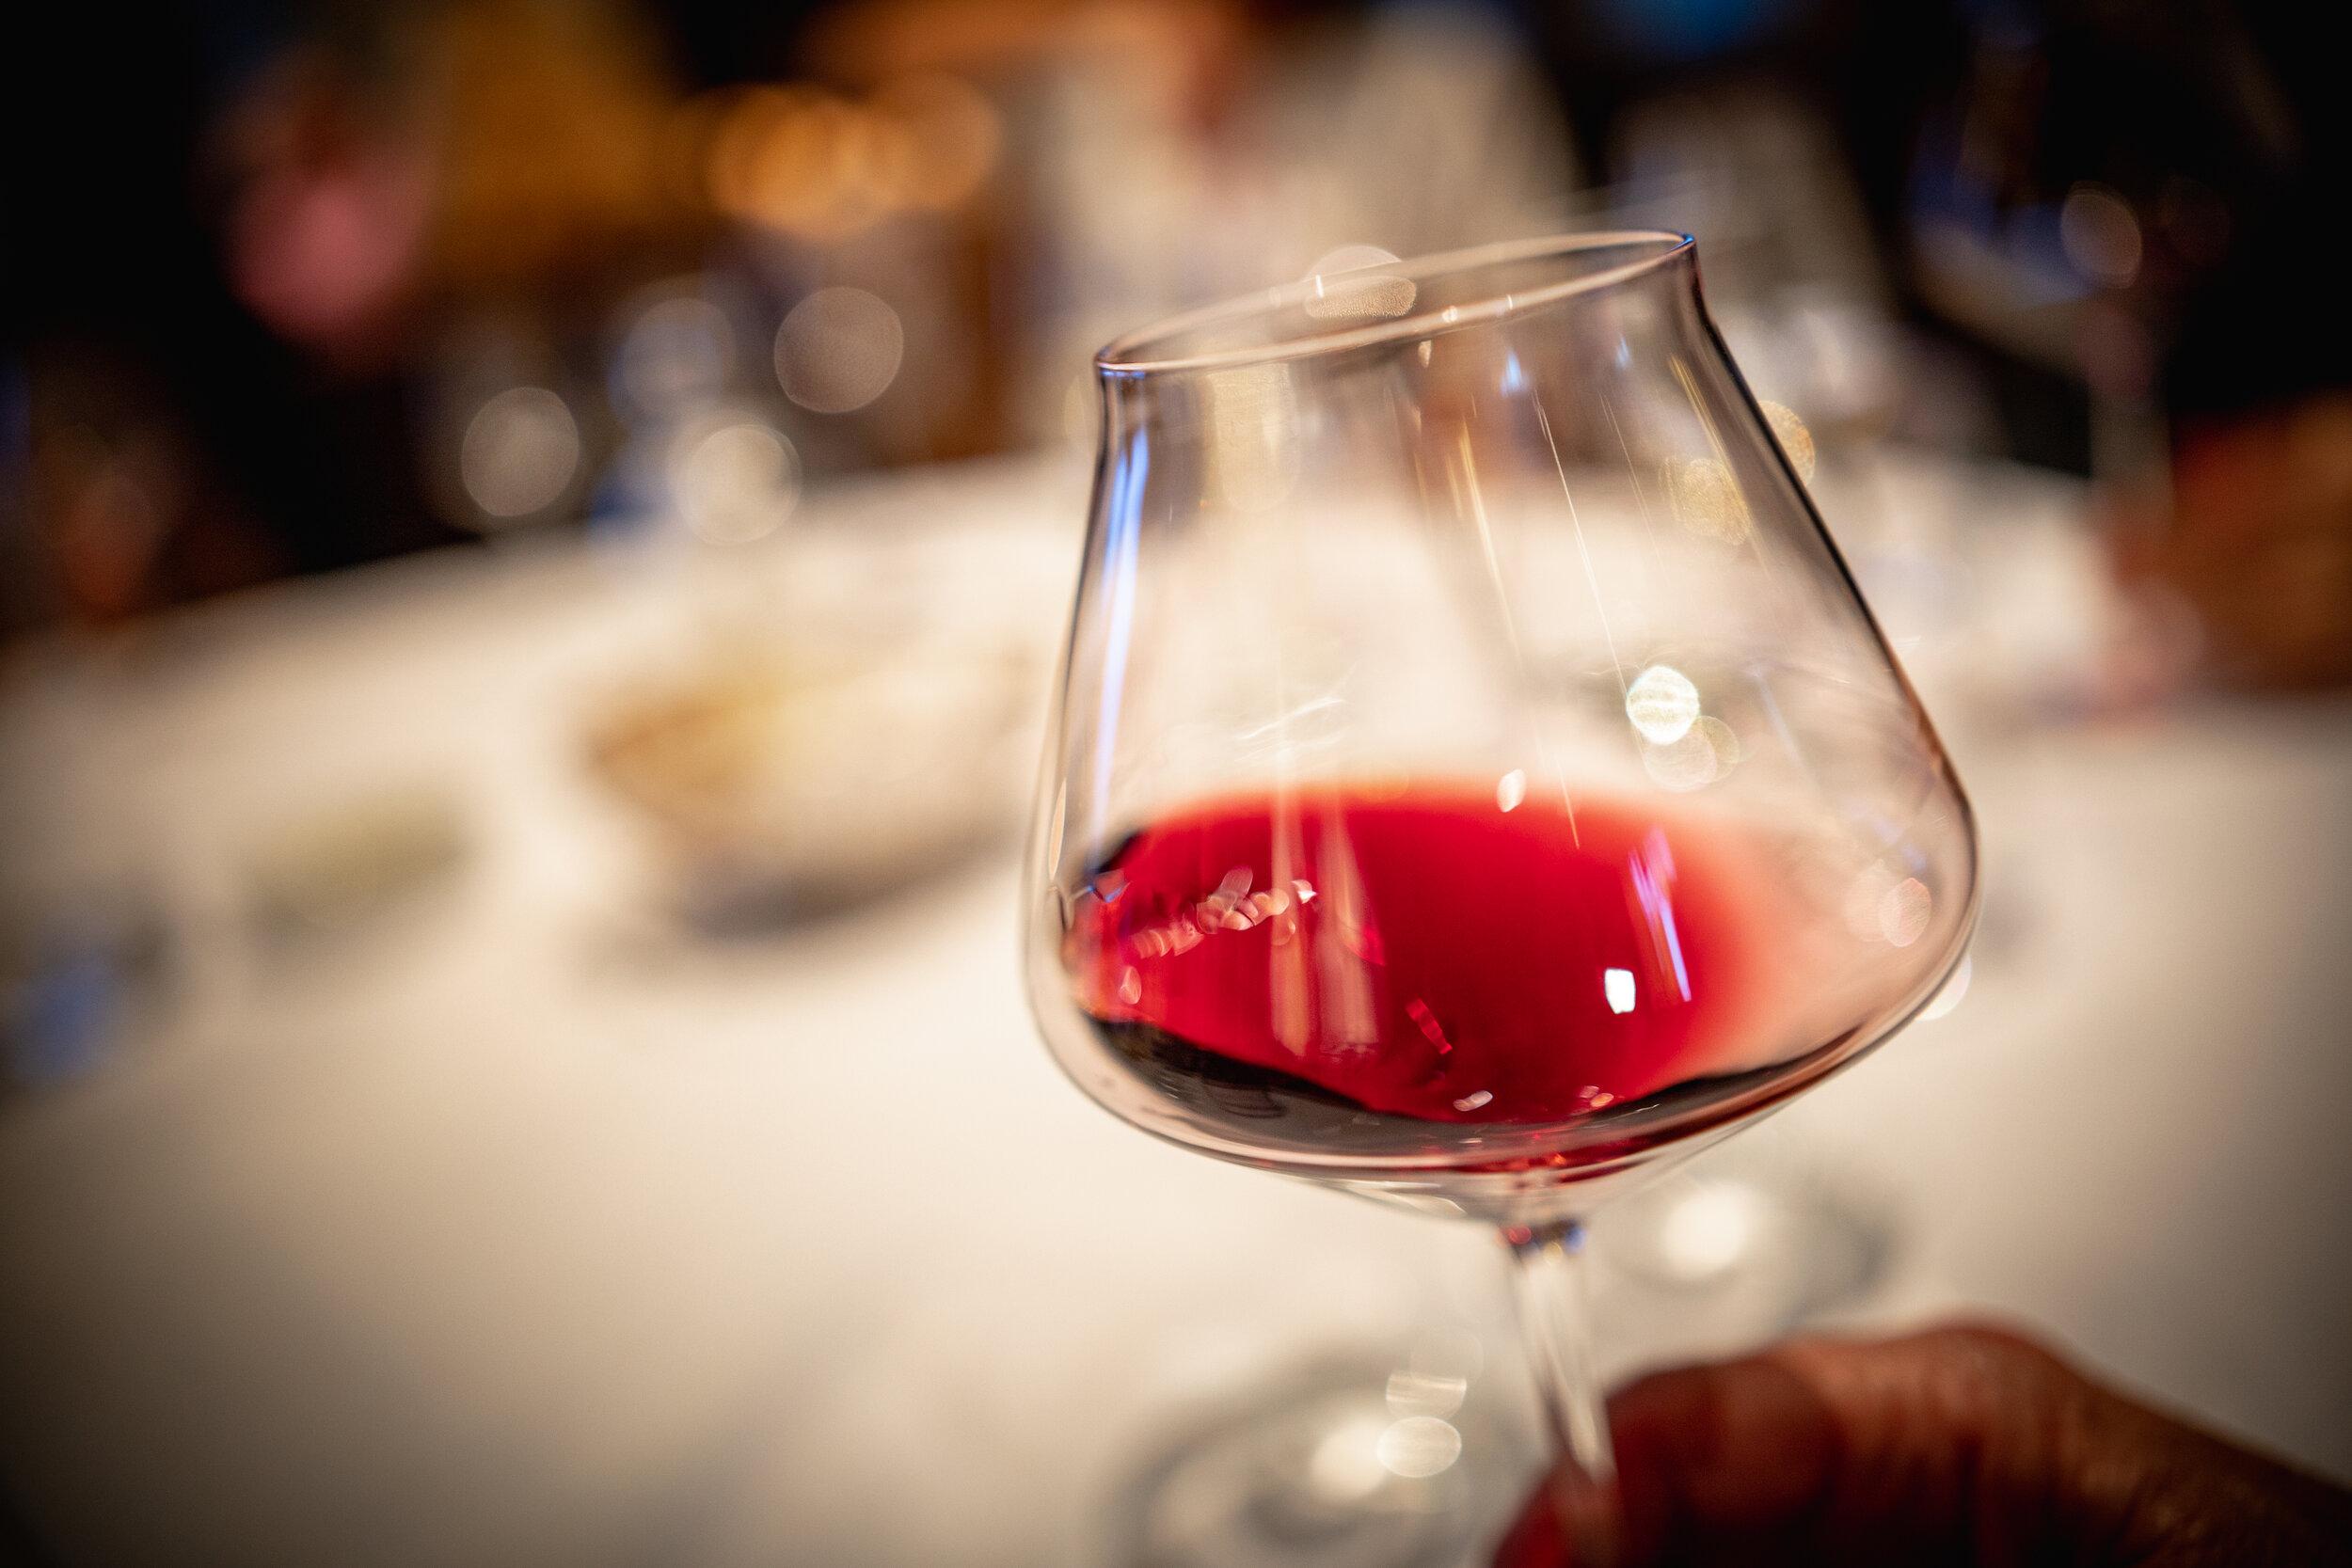 Vinkurs - Tørr eller halvtørr? Søt eller fruktig vin? På vinkurset i regi av Vestlia Resort vil du få smake på herlige viner og lære om de forskjellige vintypene.Kr 290,- pr person